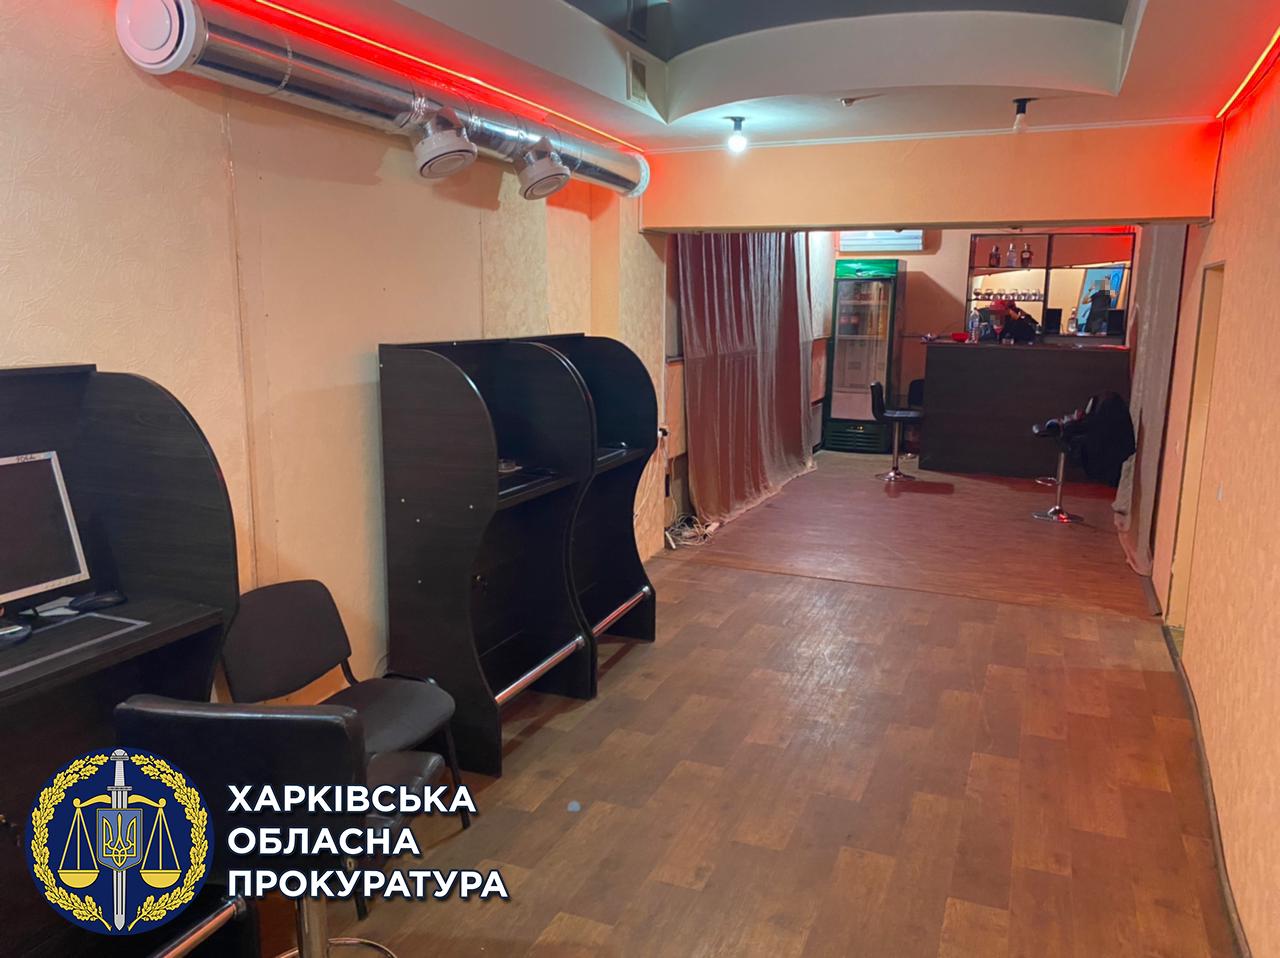 На Харьковщине нашли подпольное игорное заведение (фото)